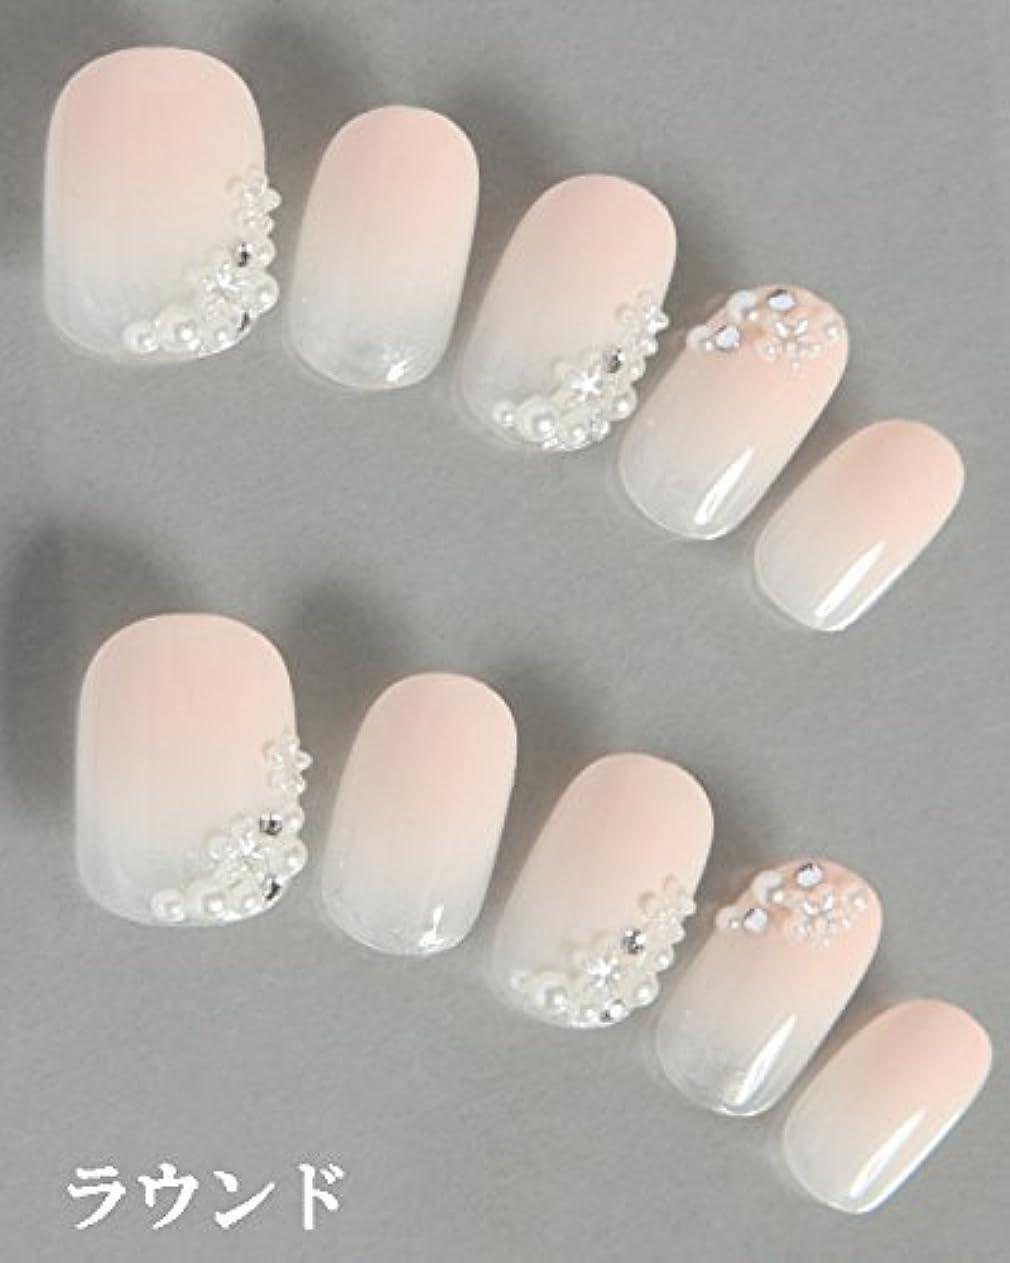 ヒューズ前進地雷原ゆずネイル|ネイルチップ 薄ピンク 花 シンプル(B04001-R-CCP)